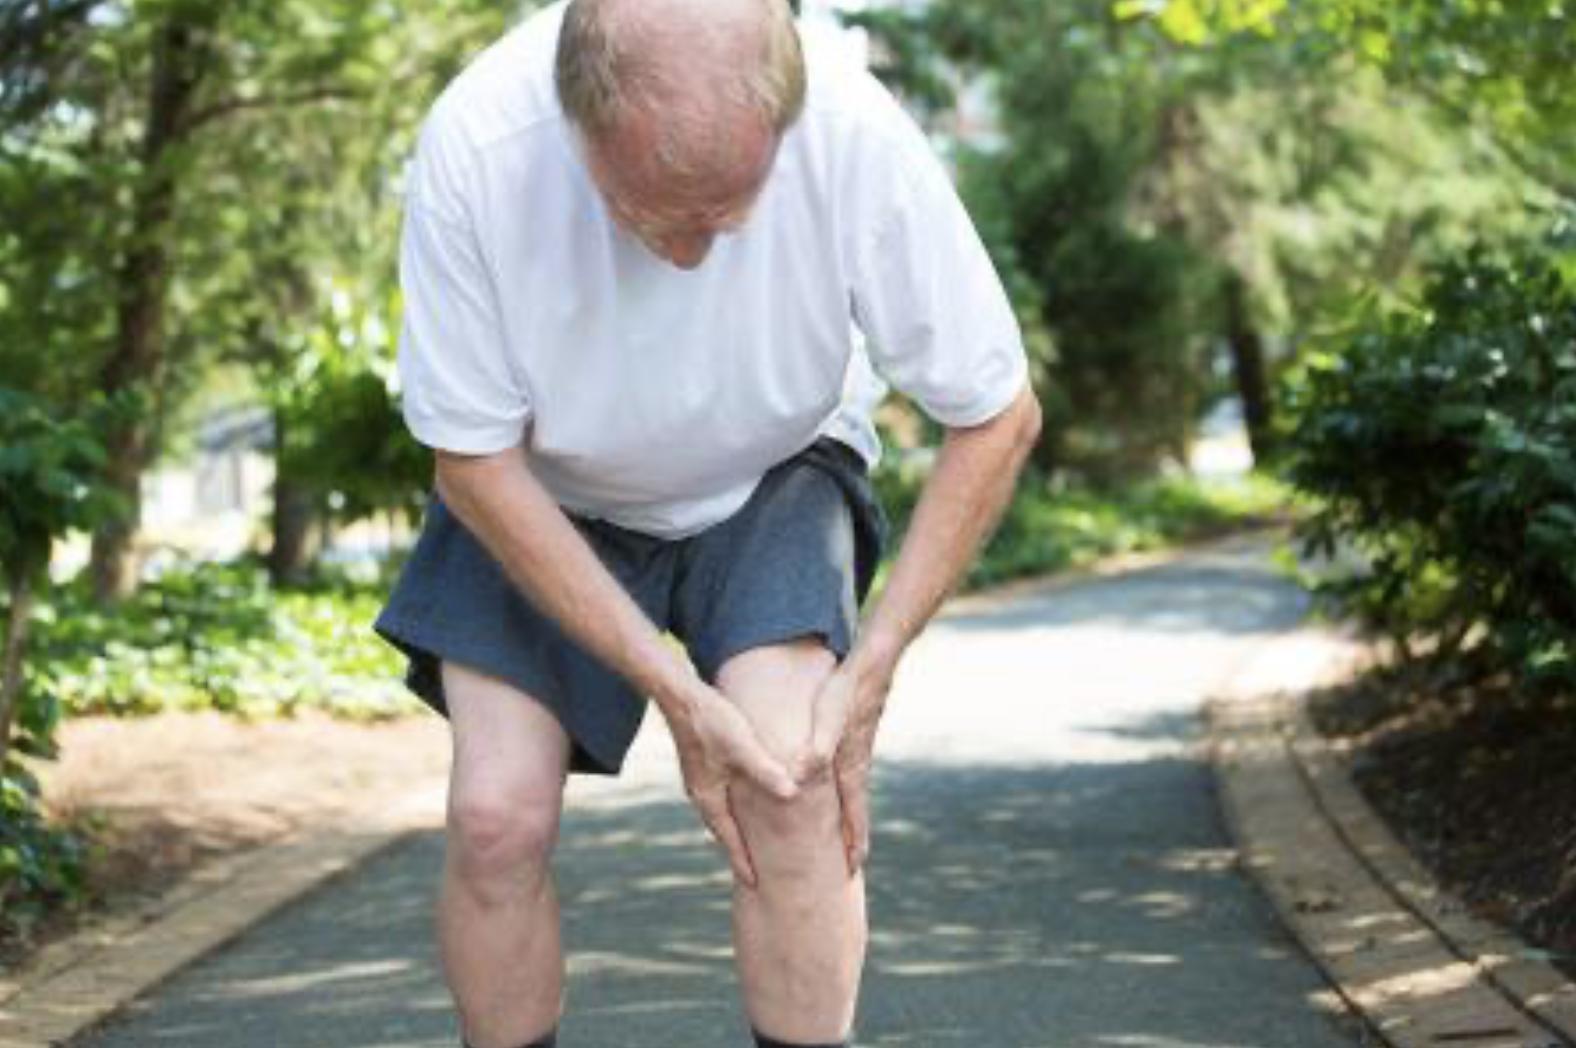 Versleten knie | Symptomen en behandeling | Fysio Jansen | Deurne